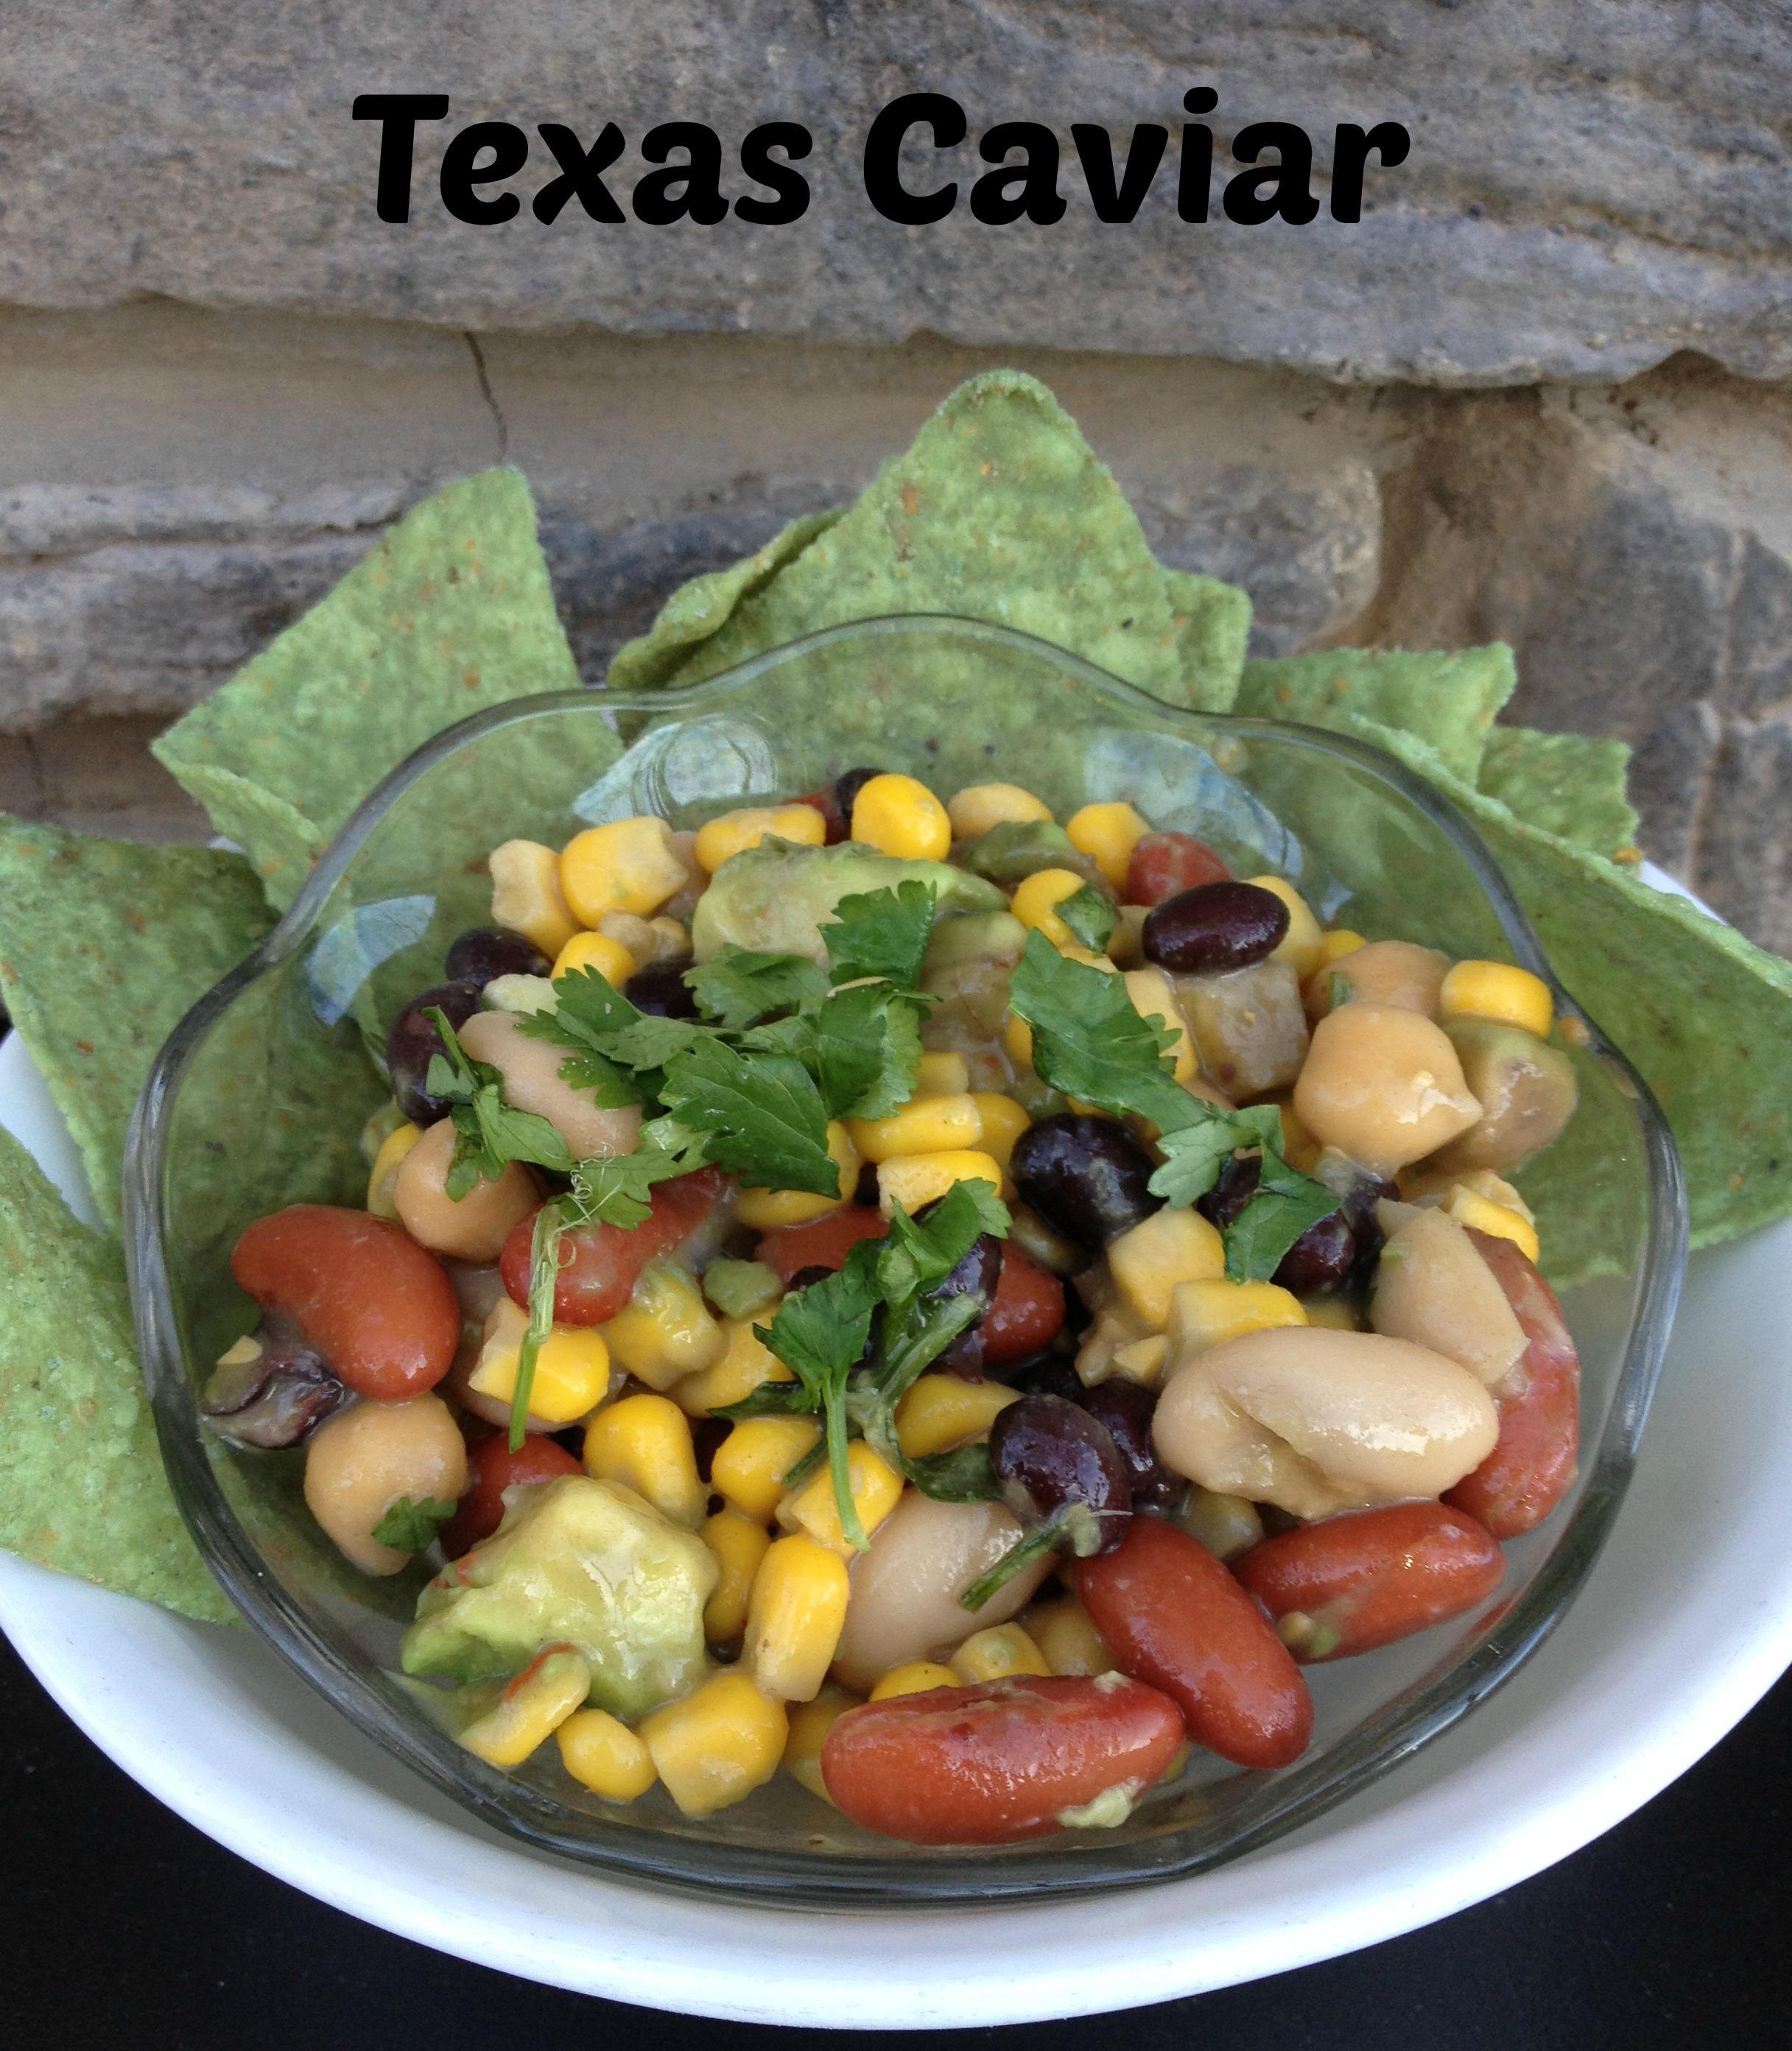 TX-caviar